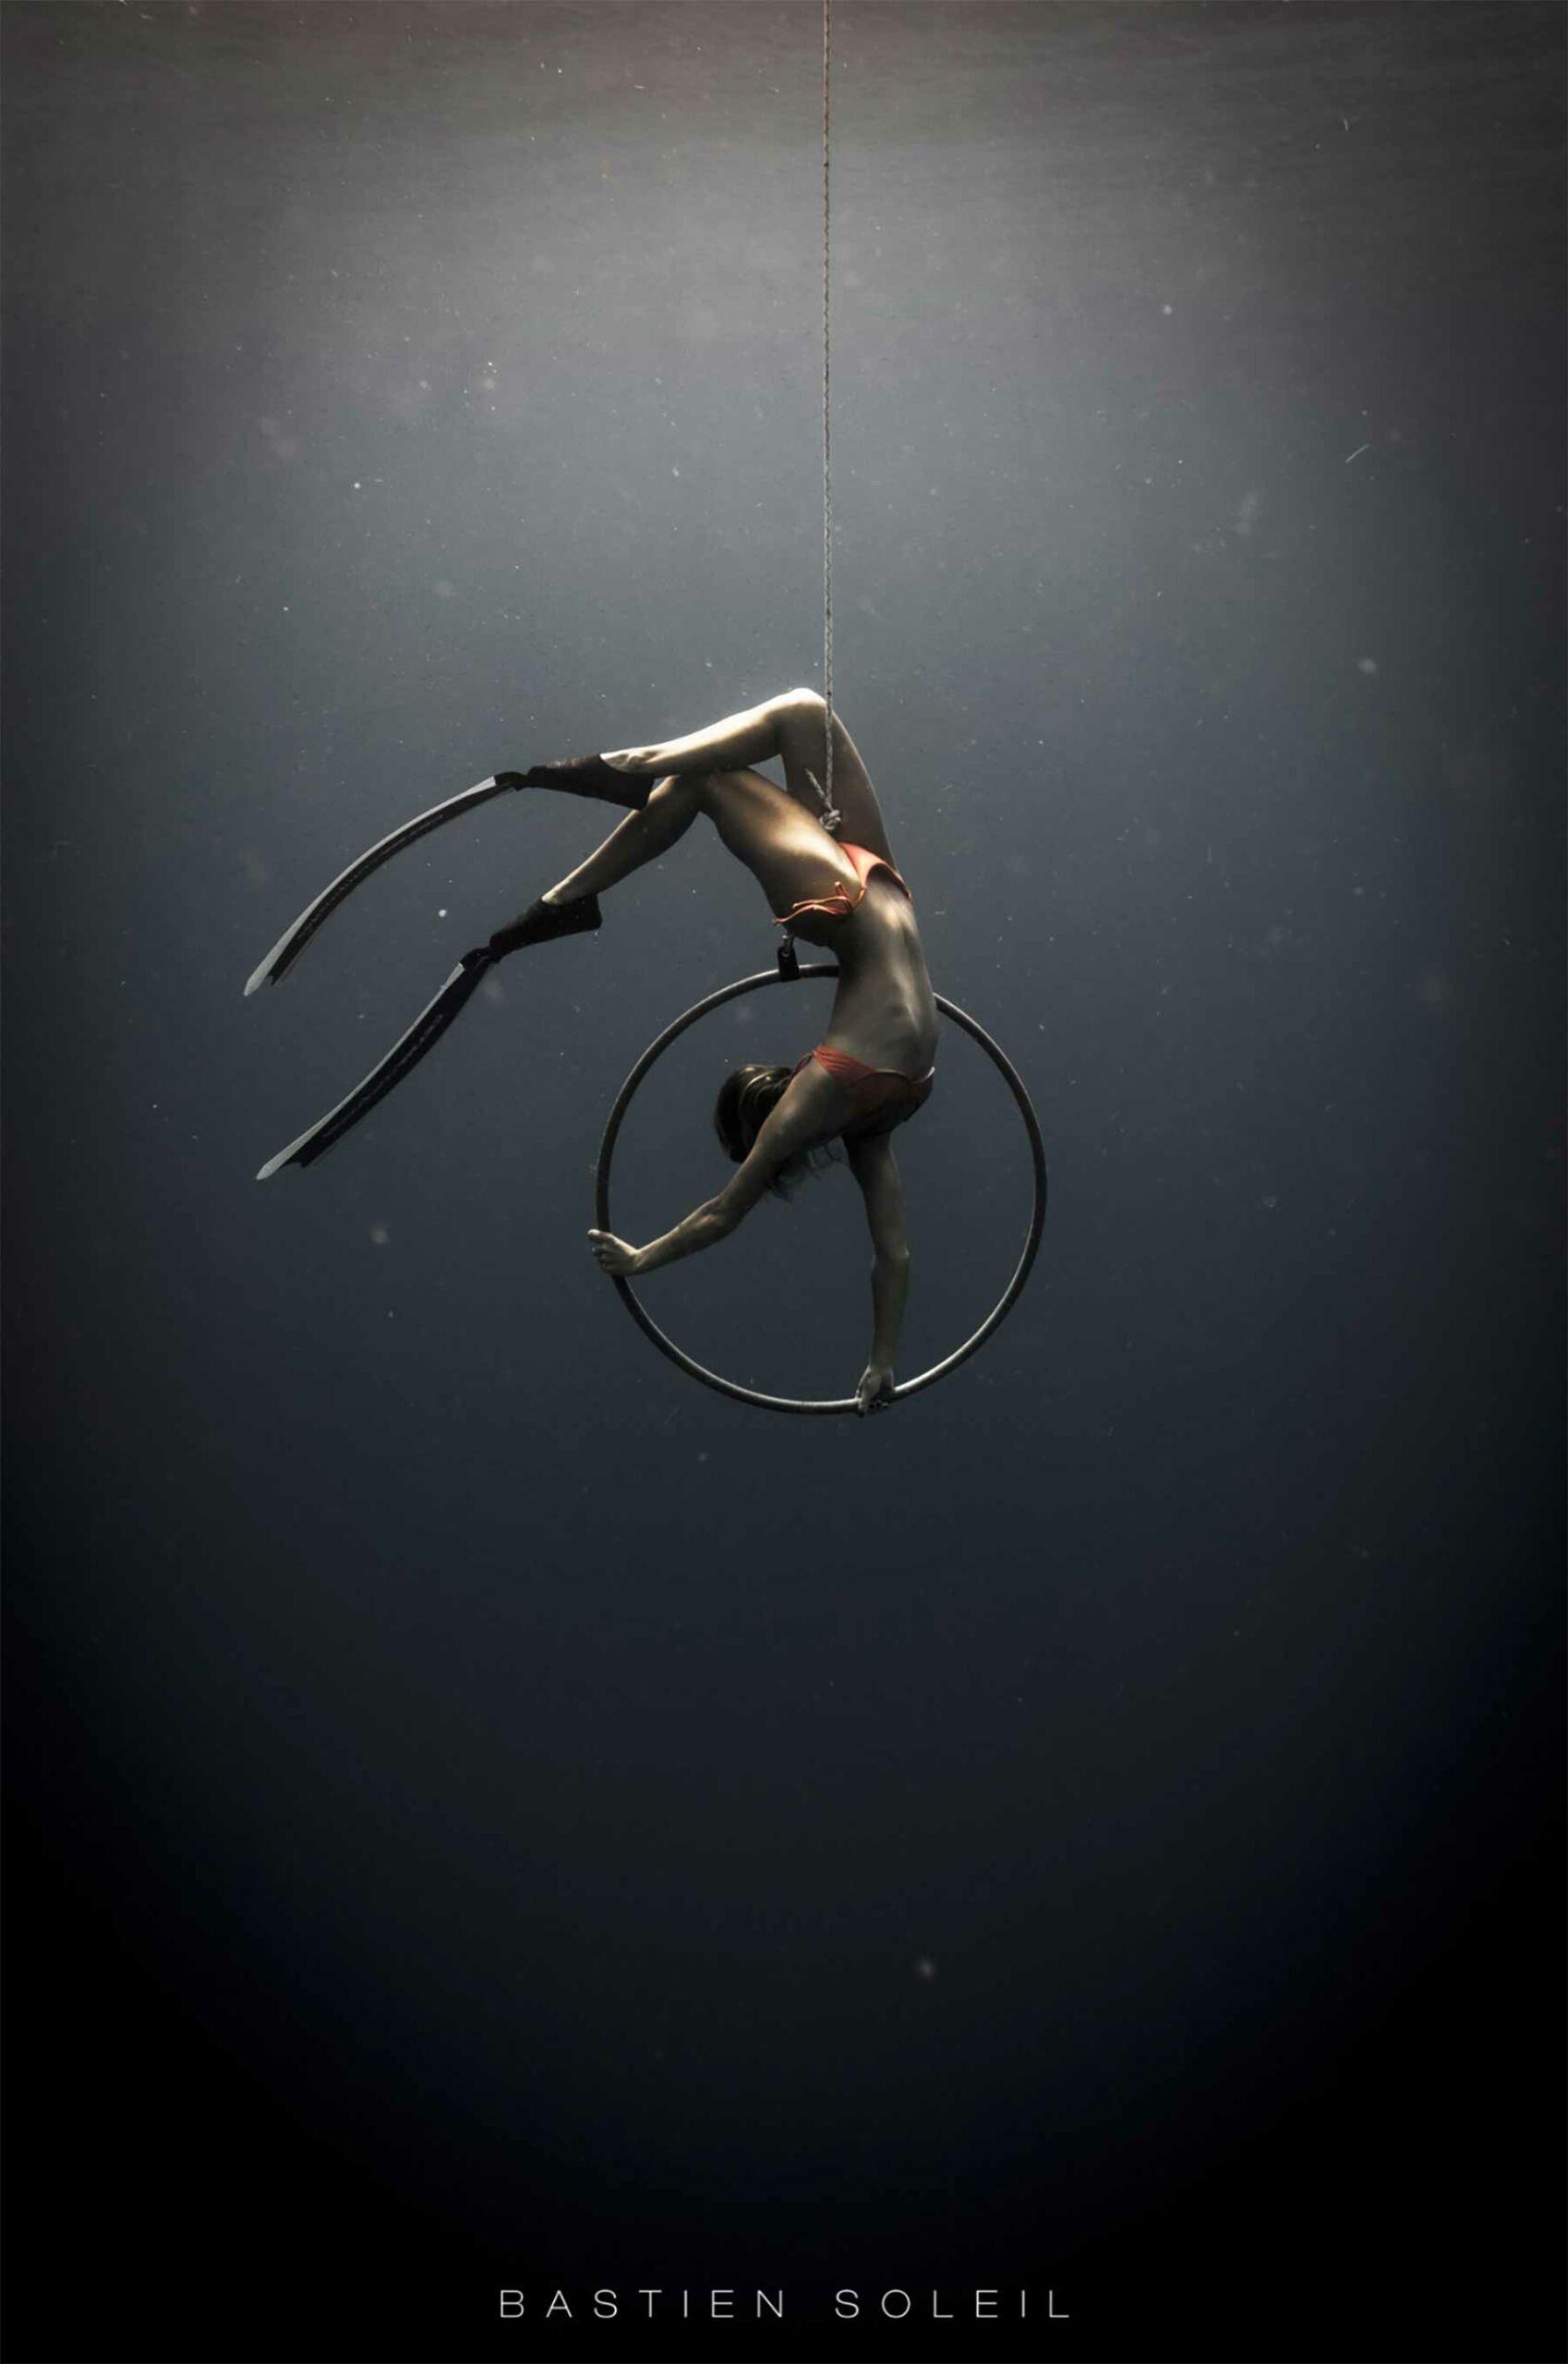 Fotografien von Bastien Soleil Bastien-Soleil-Unterwasserfotografie_02-scaled